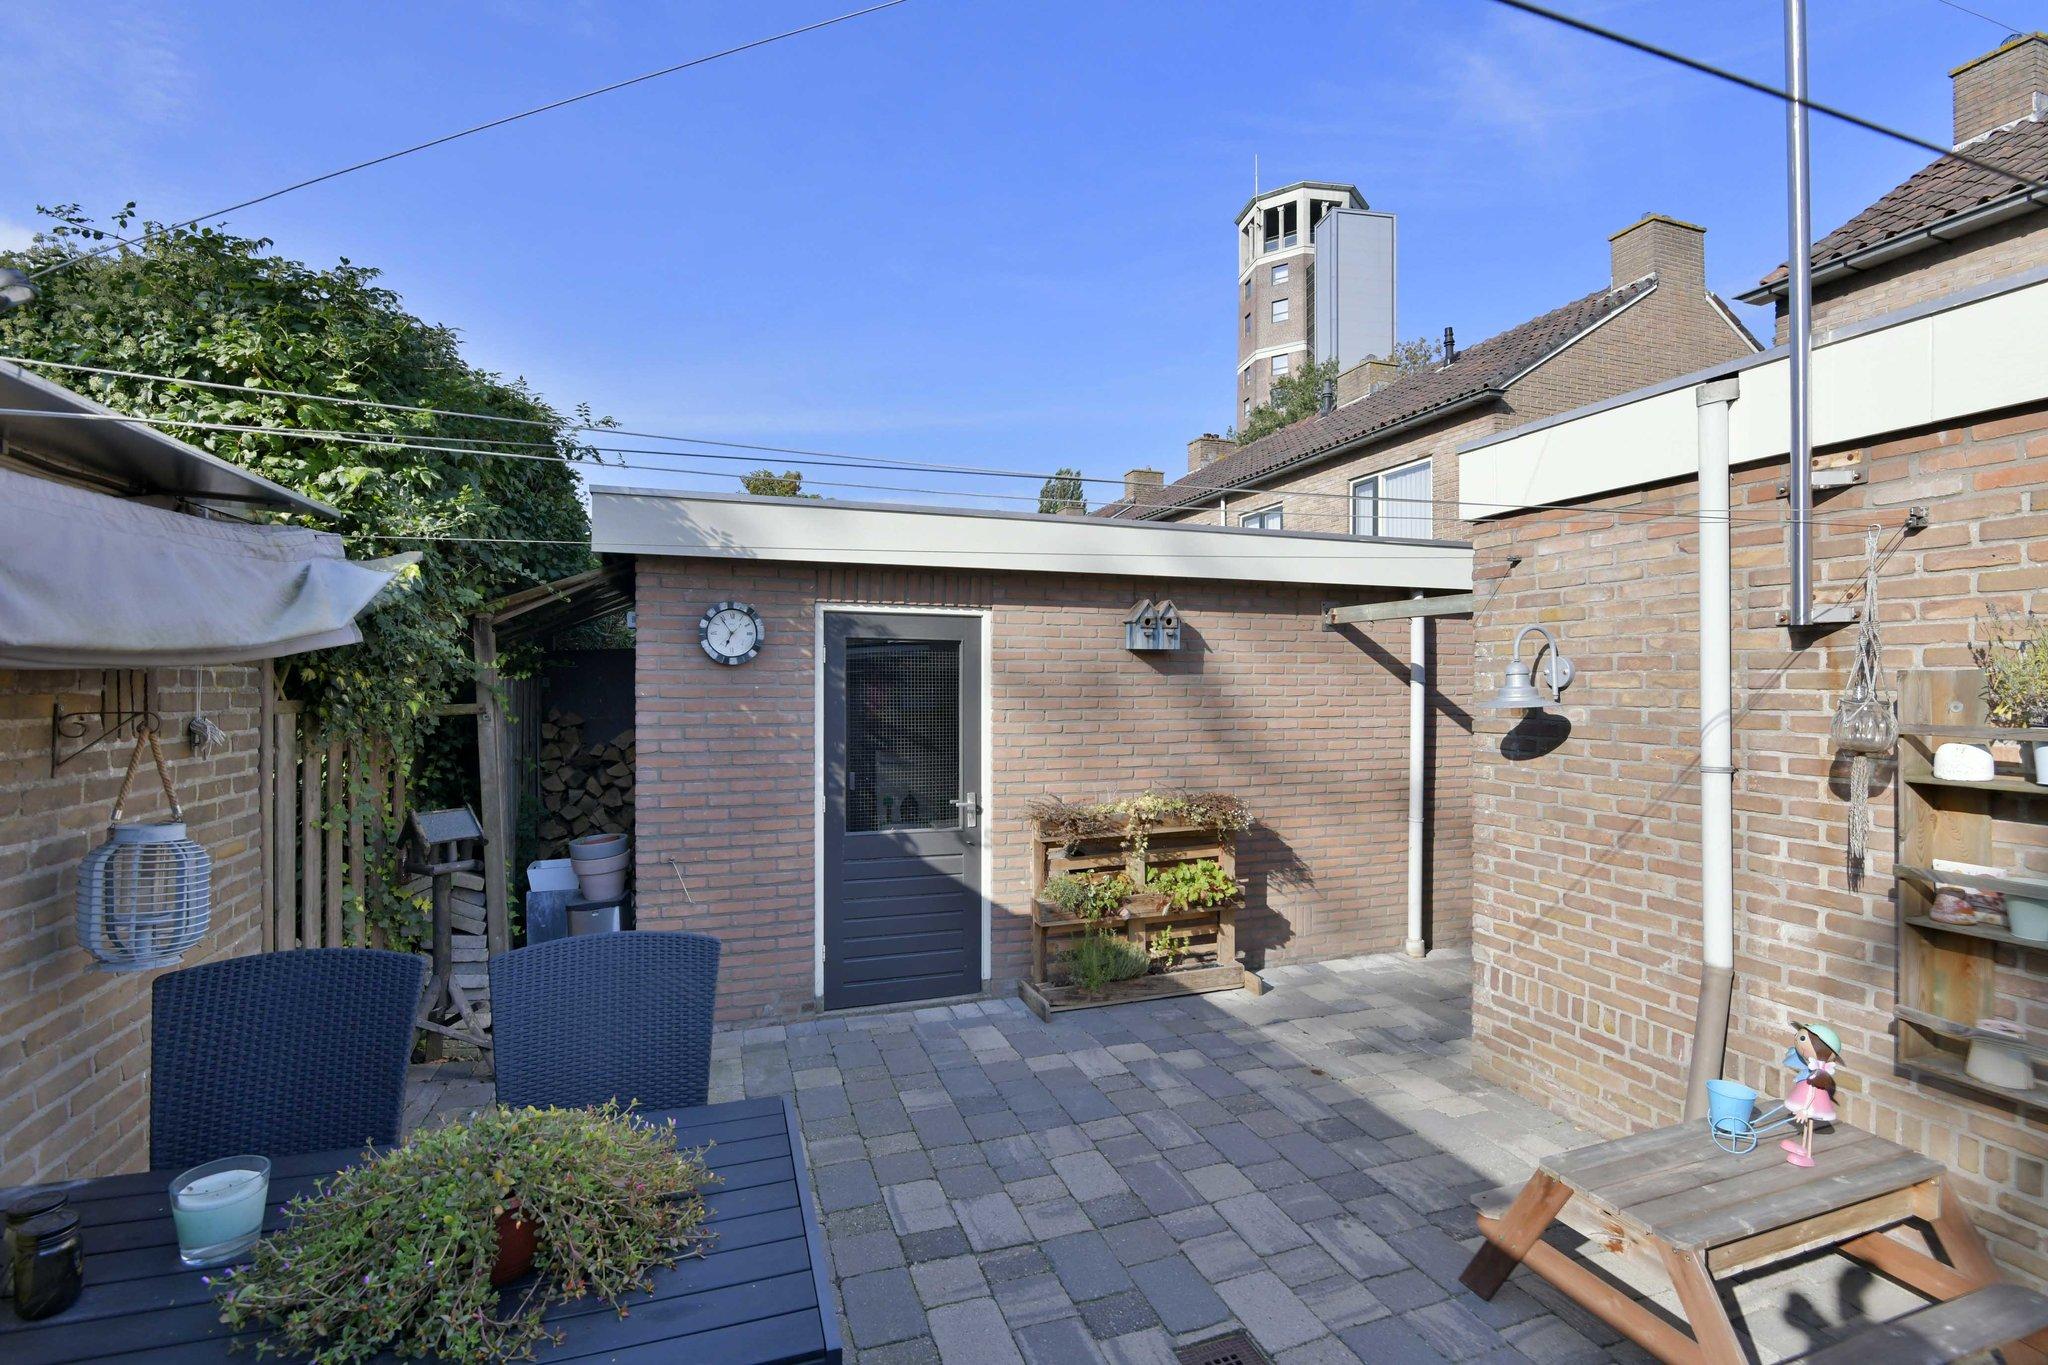 olst-watertorenstraat-4158137-foto-26.jpg